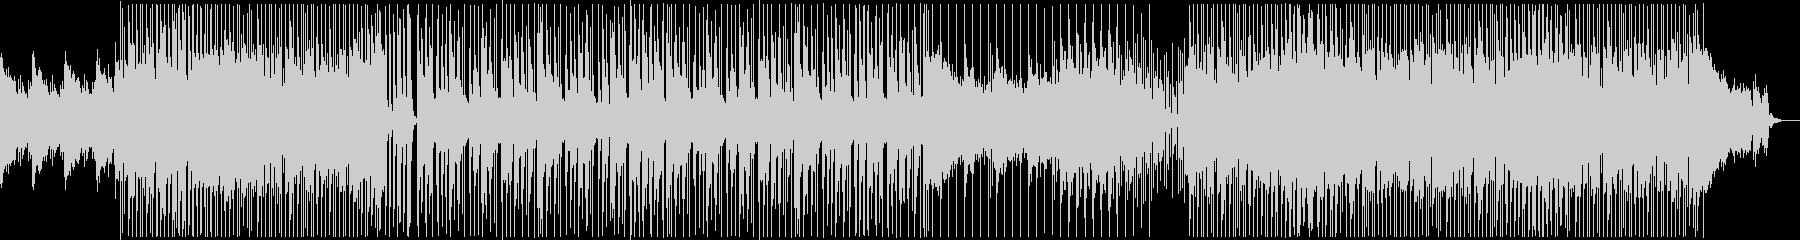 ピアノの旋律が印象的なロックの未再生の波形